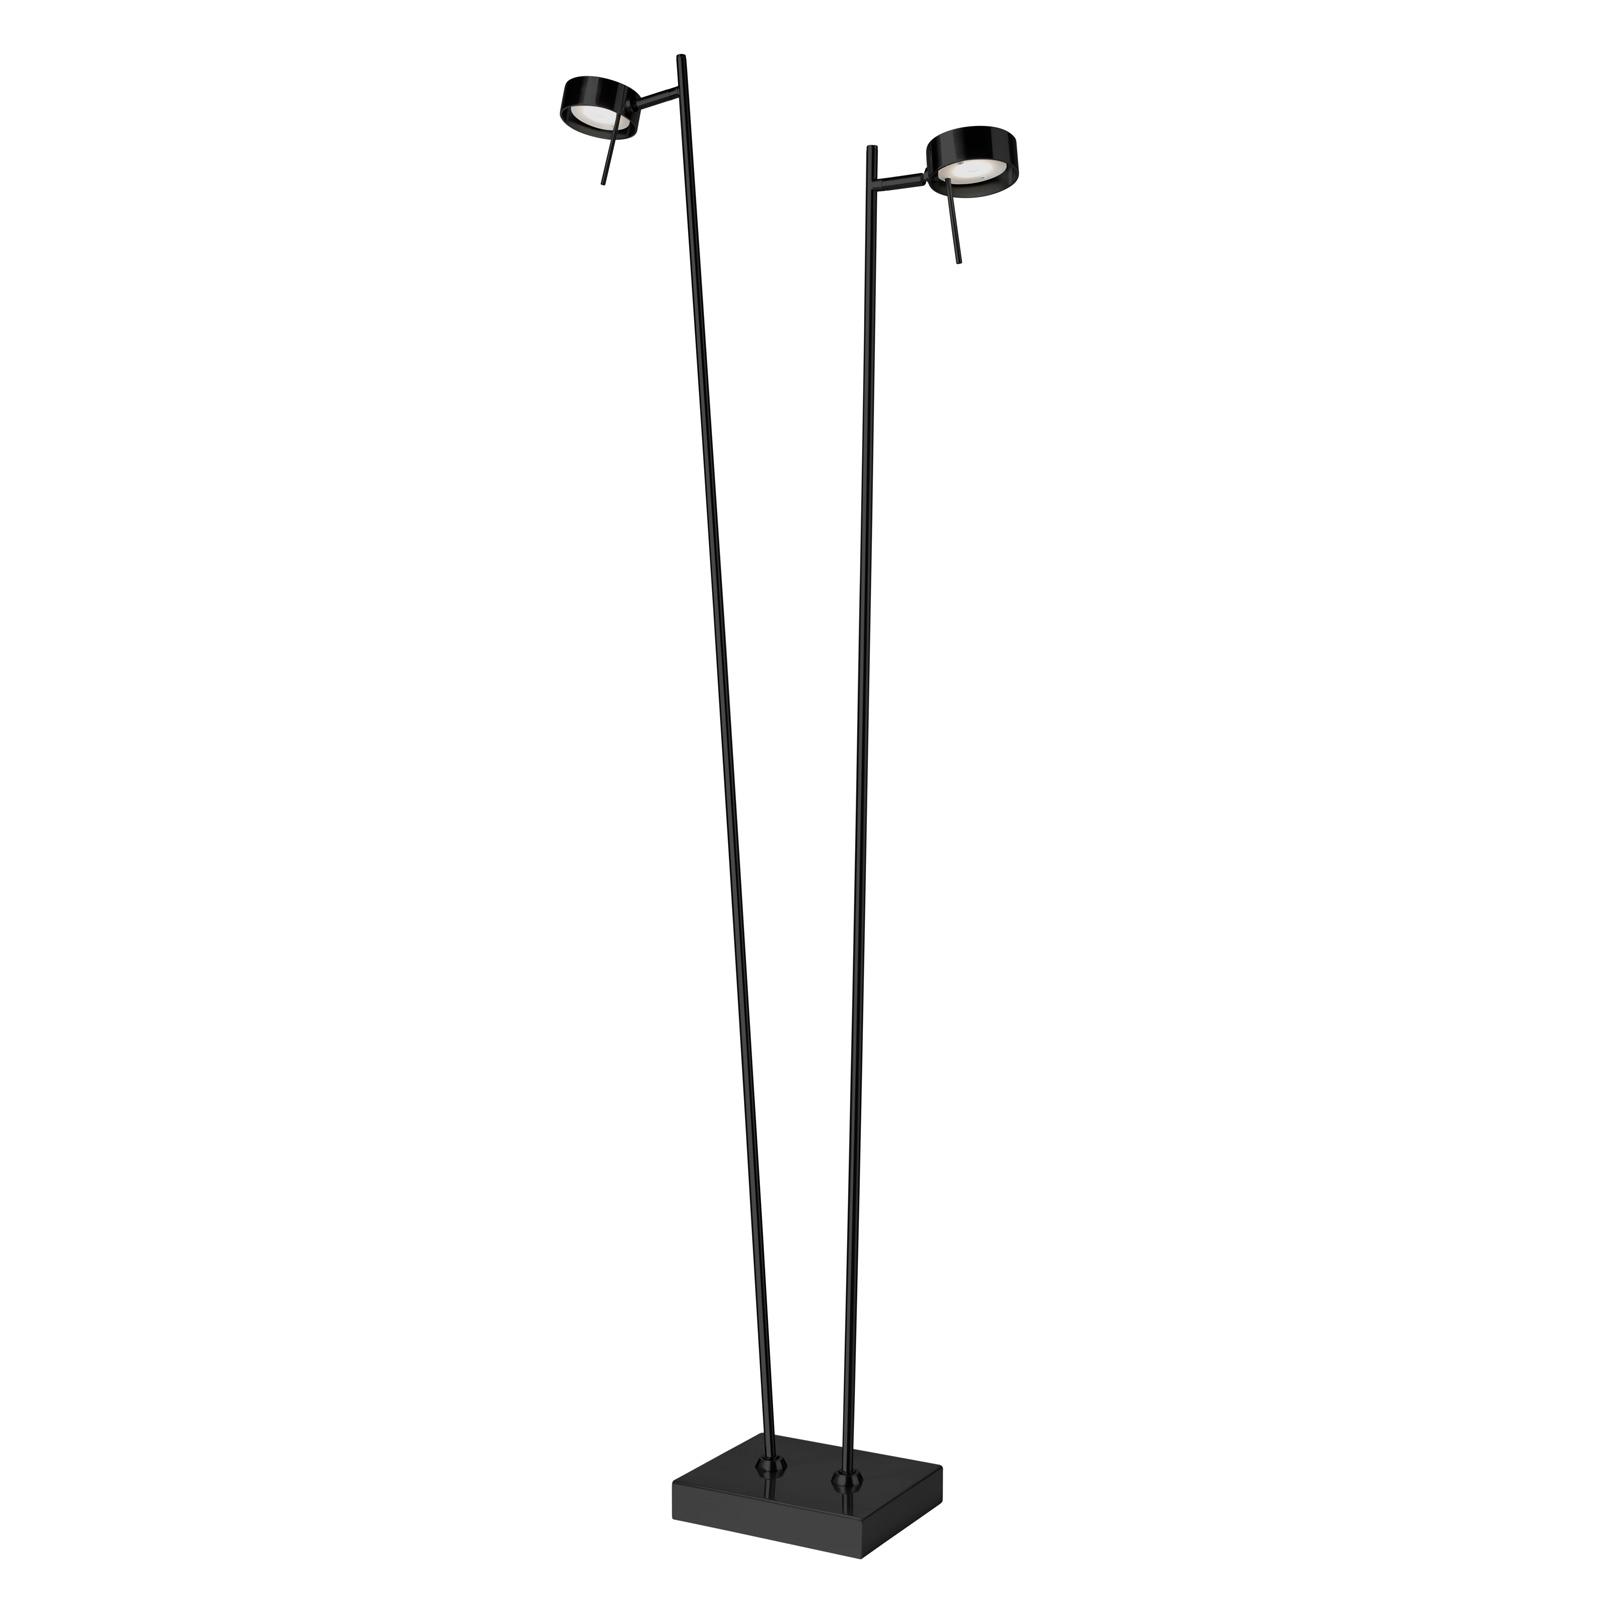 Lampa stojąca LED Bling, ściemniacz, 2-pkt. czarna